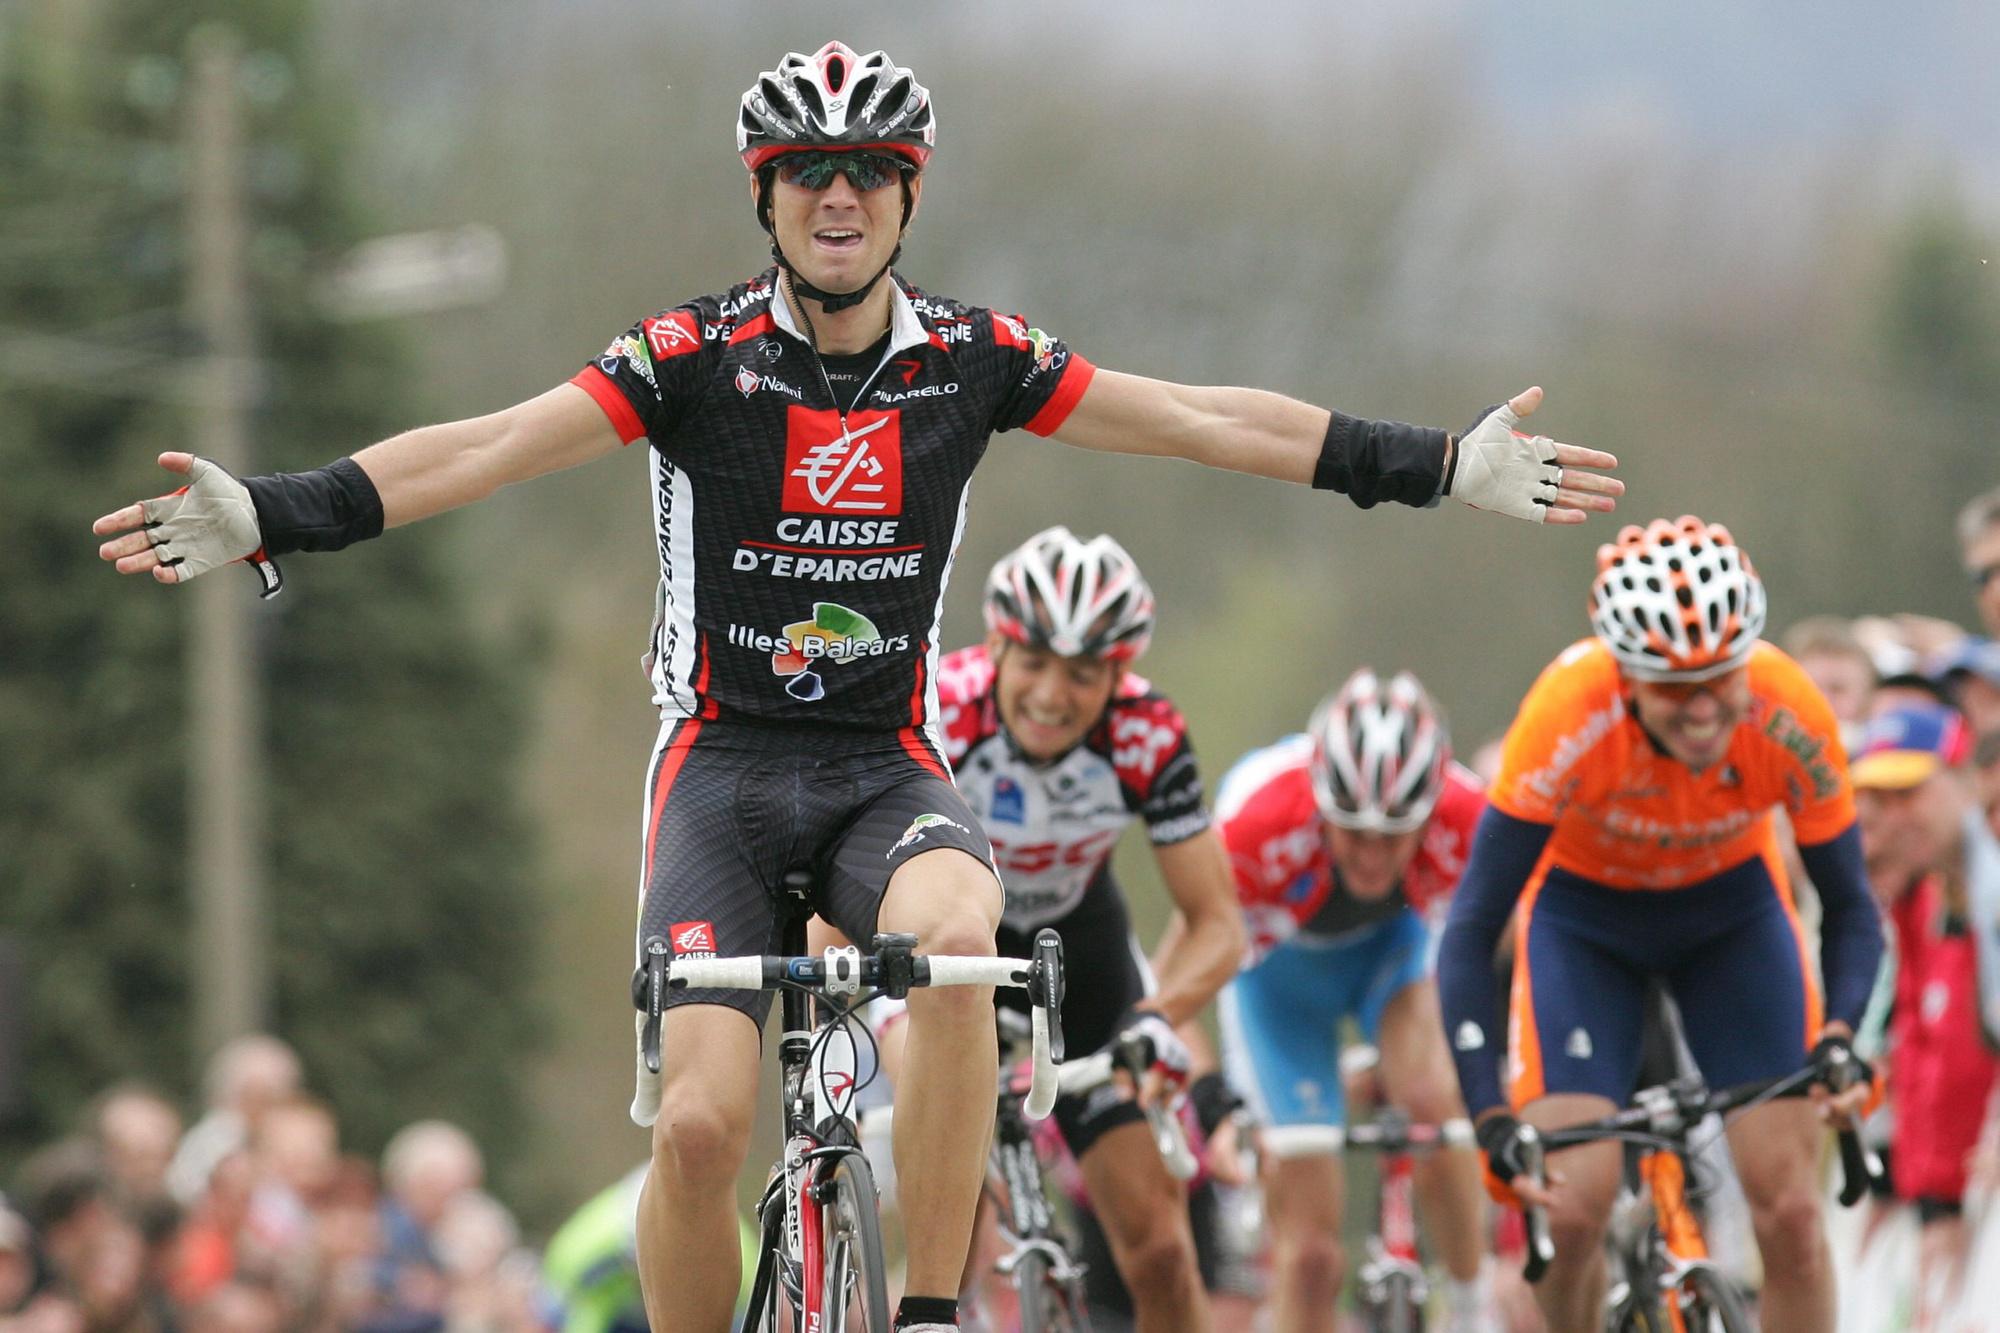 Alejandro Valverde s'impose au sommet du Mur de Huy et remporte la Flèche Wallonne 2006., belga